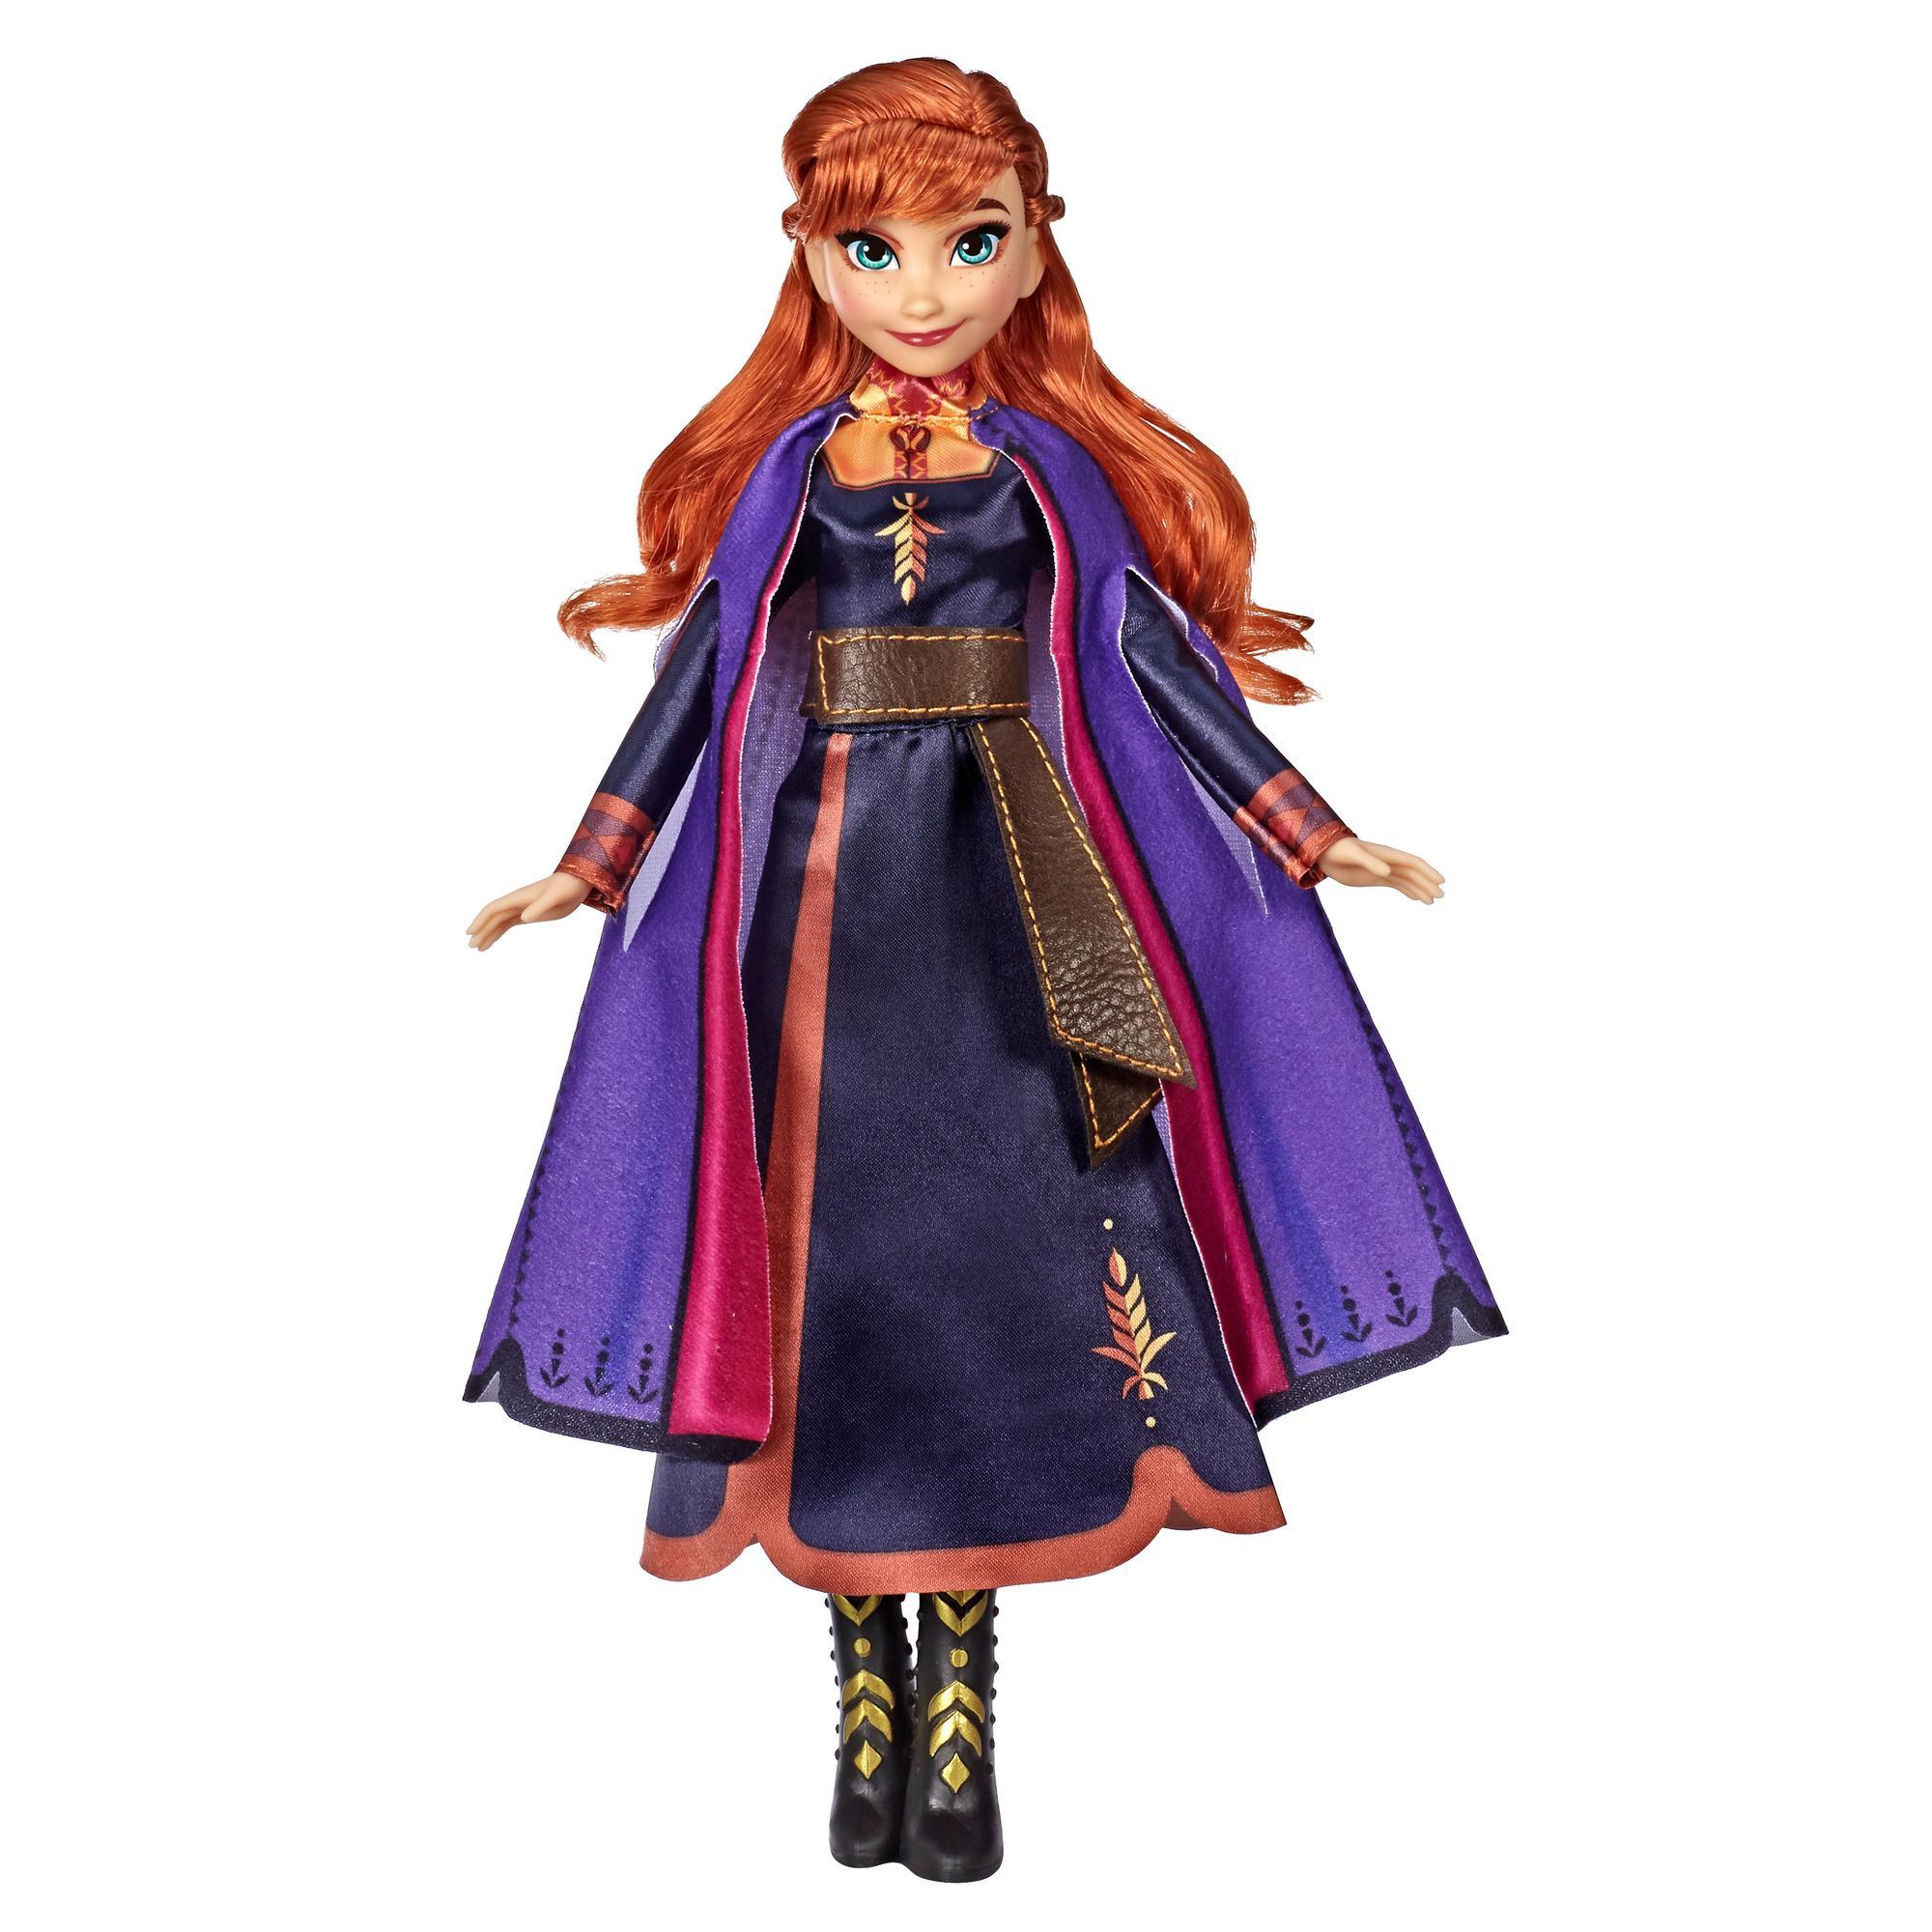 Disney La Reine des neiges 2 - Poupée Anna chantante, avec musique et robe violette inspirée de La Reine des neiges 2 de Disney, jouet pour enfants, à partir de 3 ans